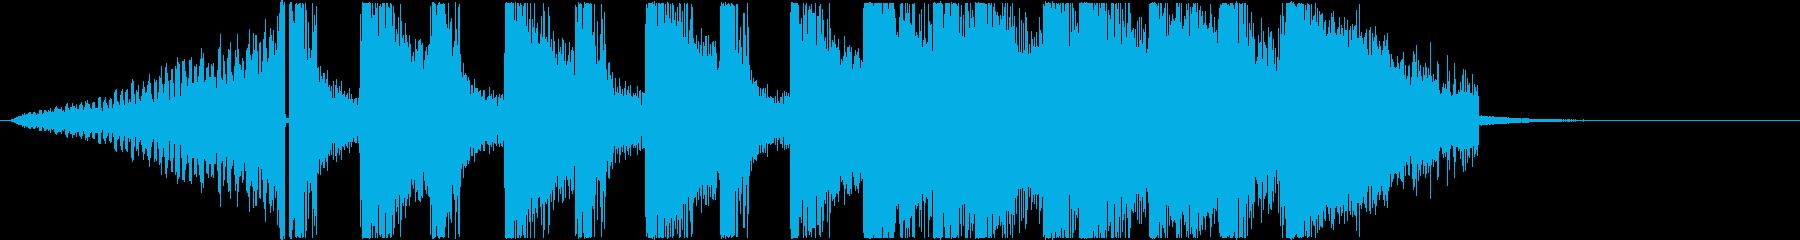 派手で躍動感ある登場系ジングルの再生済みの波形